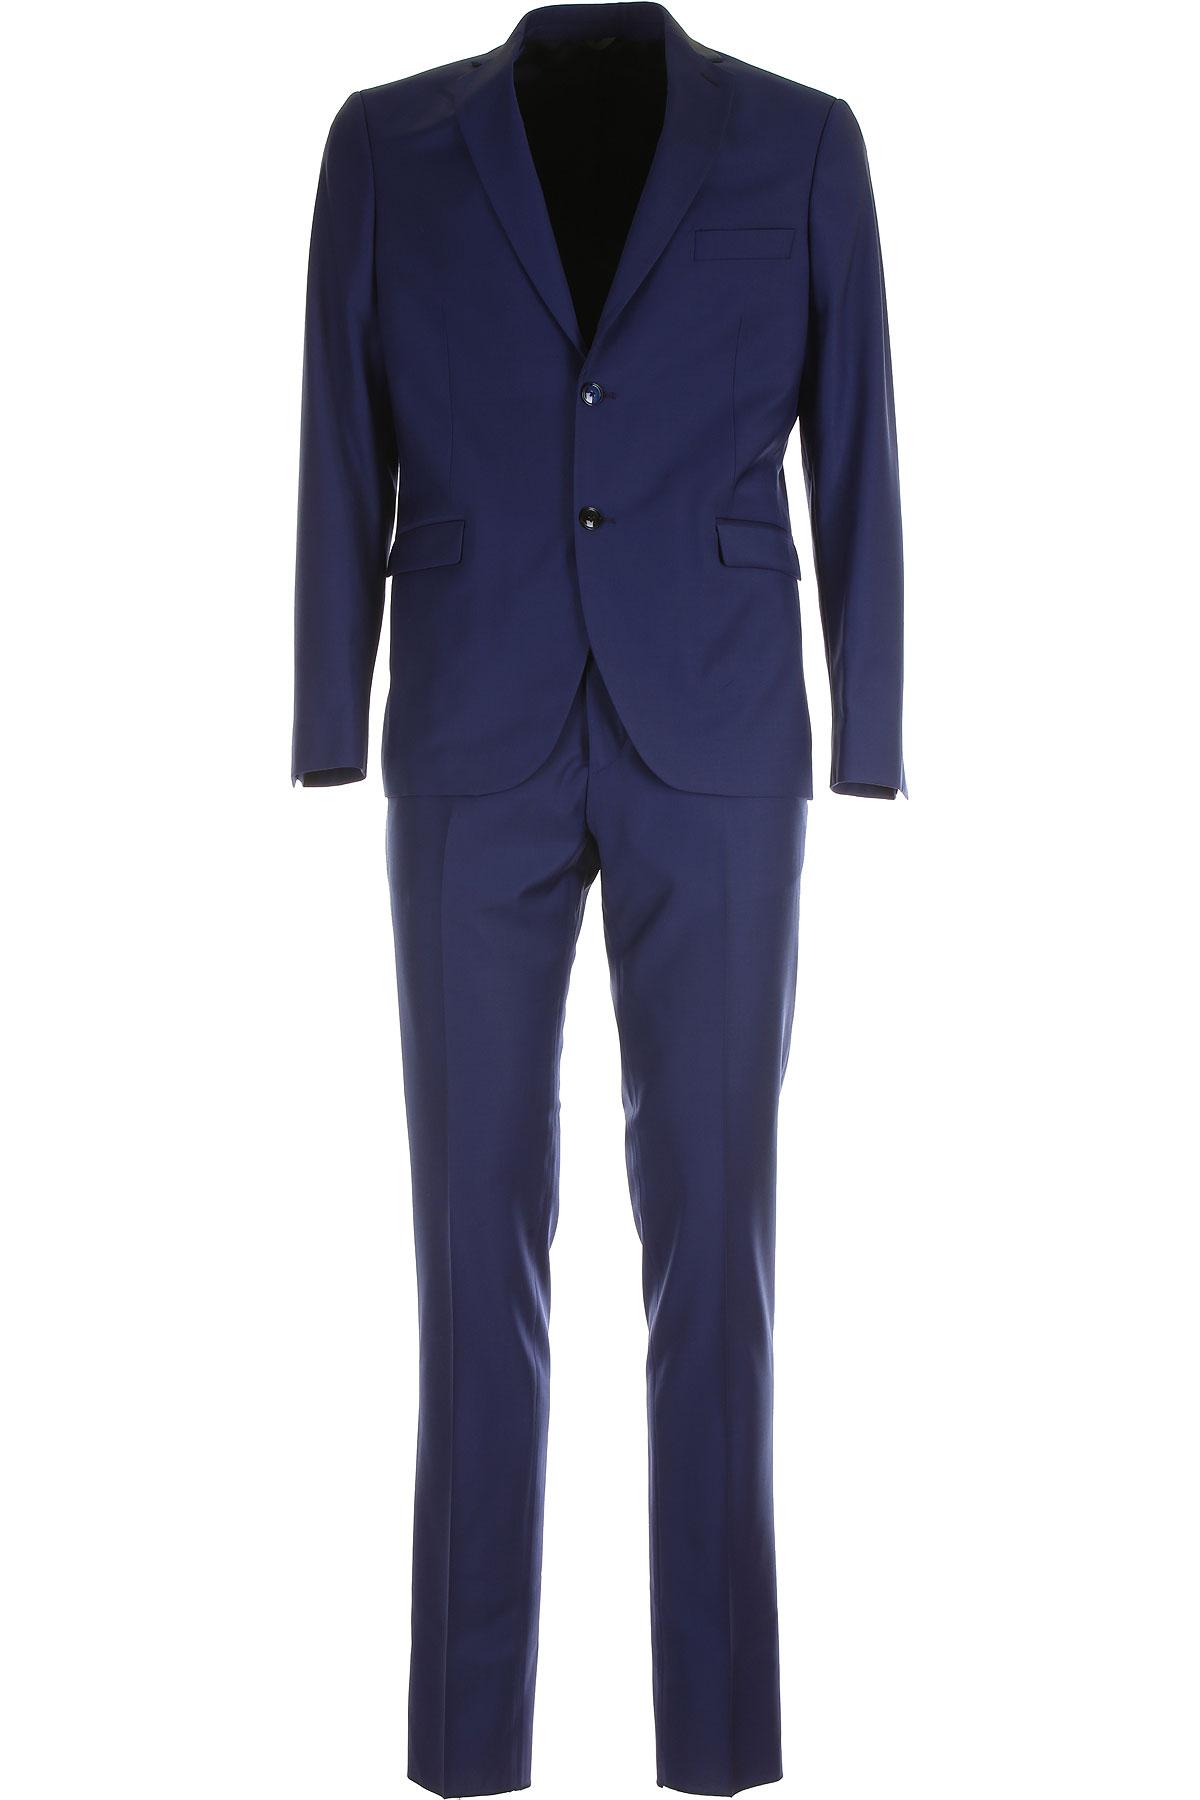 Simbols Men's Suit On Sale, Blue Grey, Pes, 2019, L M S XL XXL XXXL